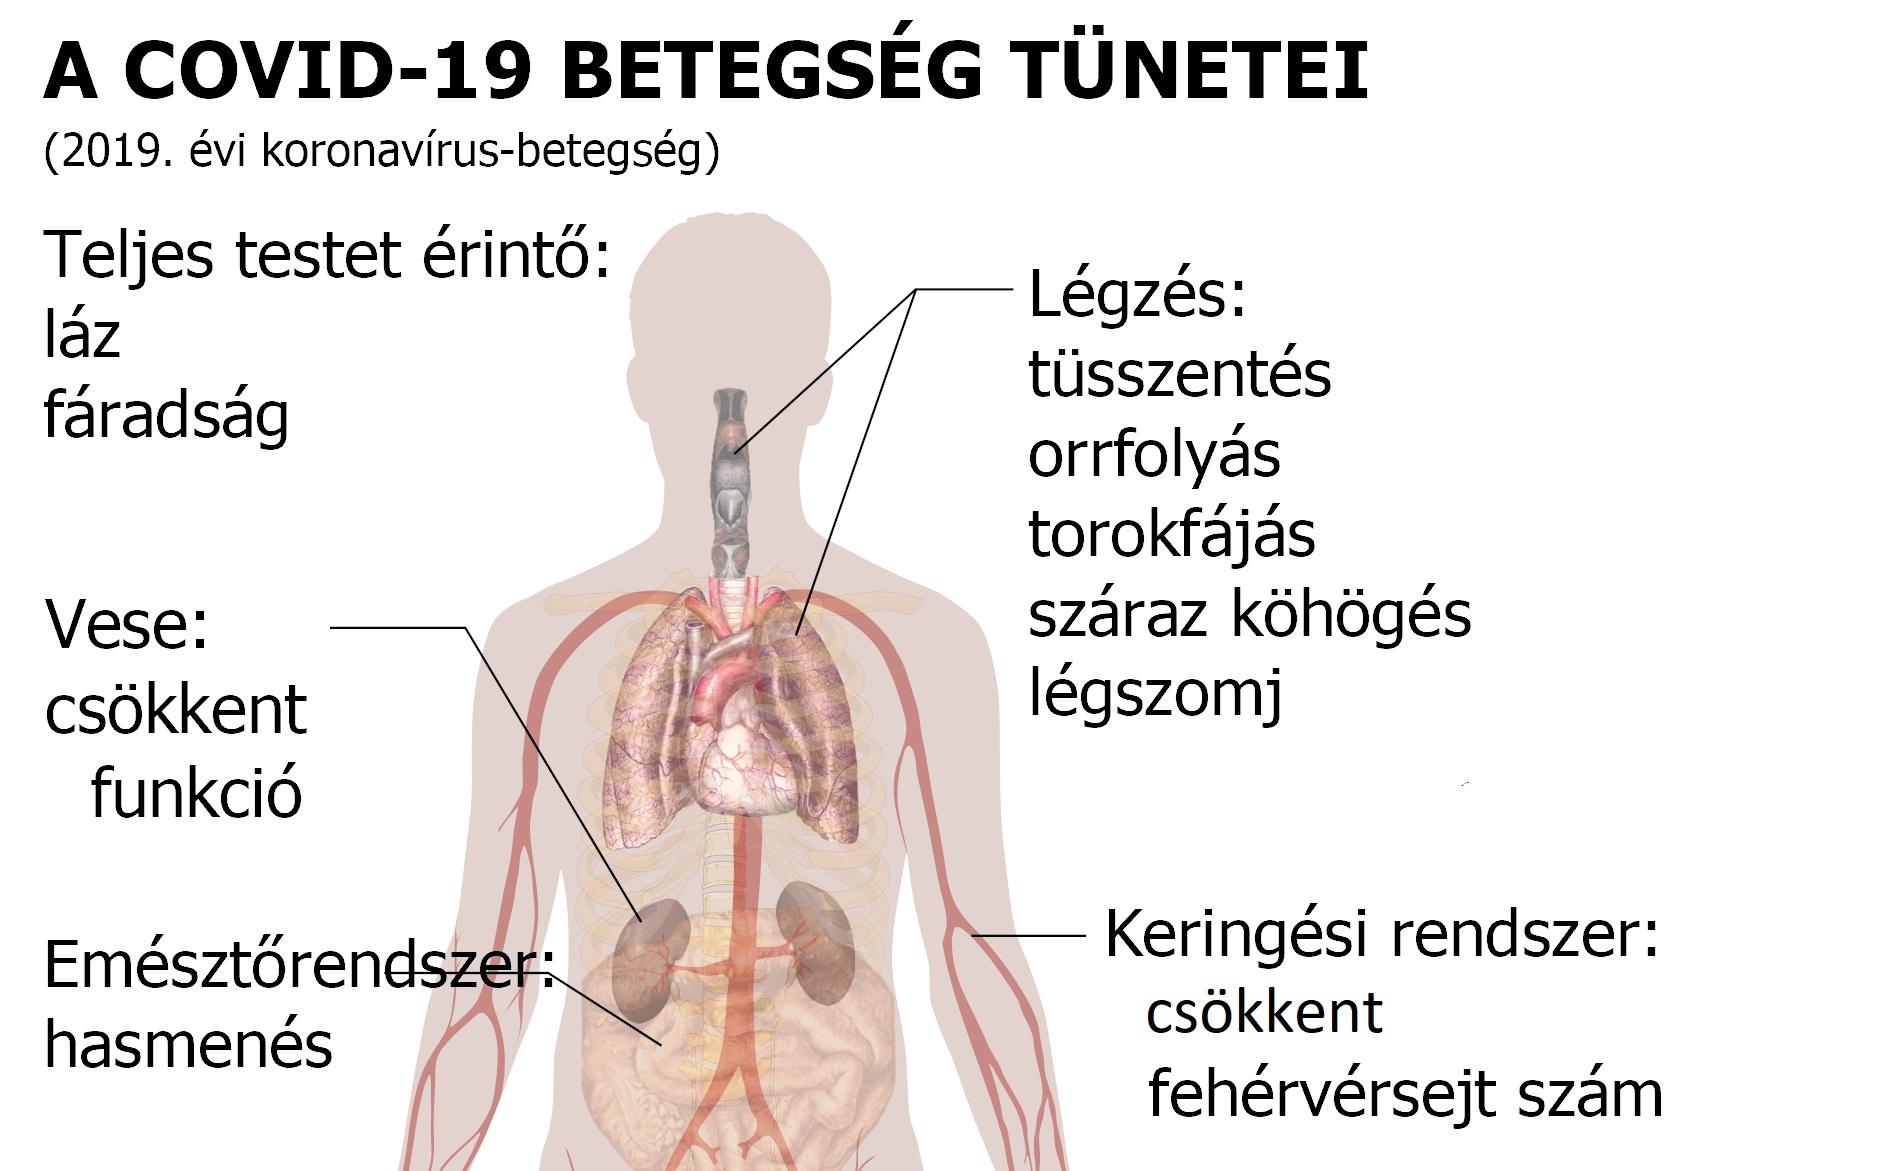 terápiás légzés magas vérnyomásban